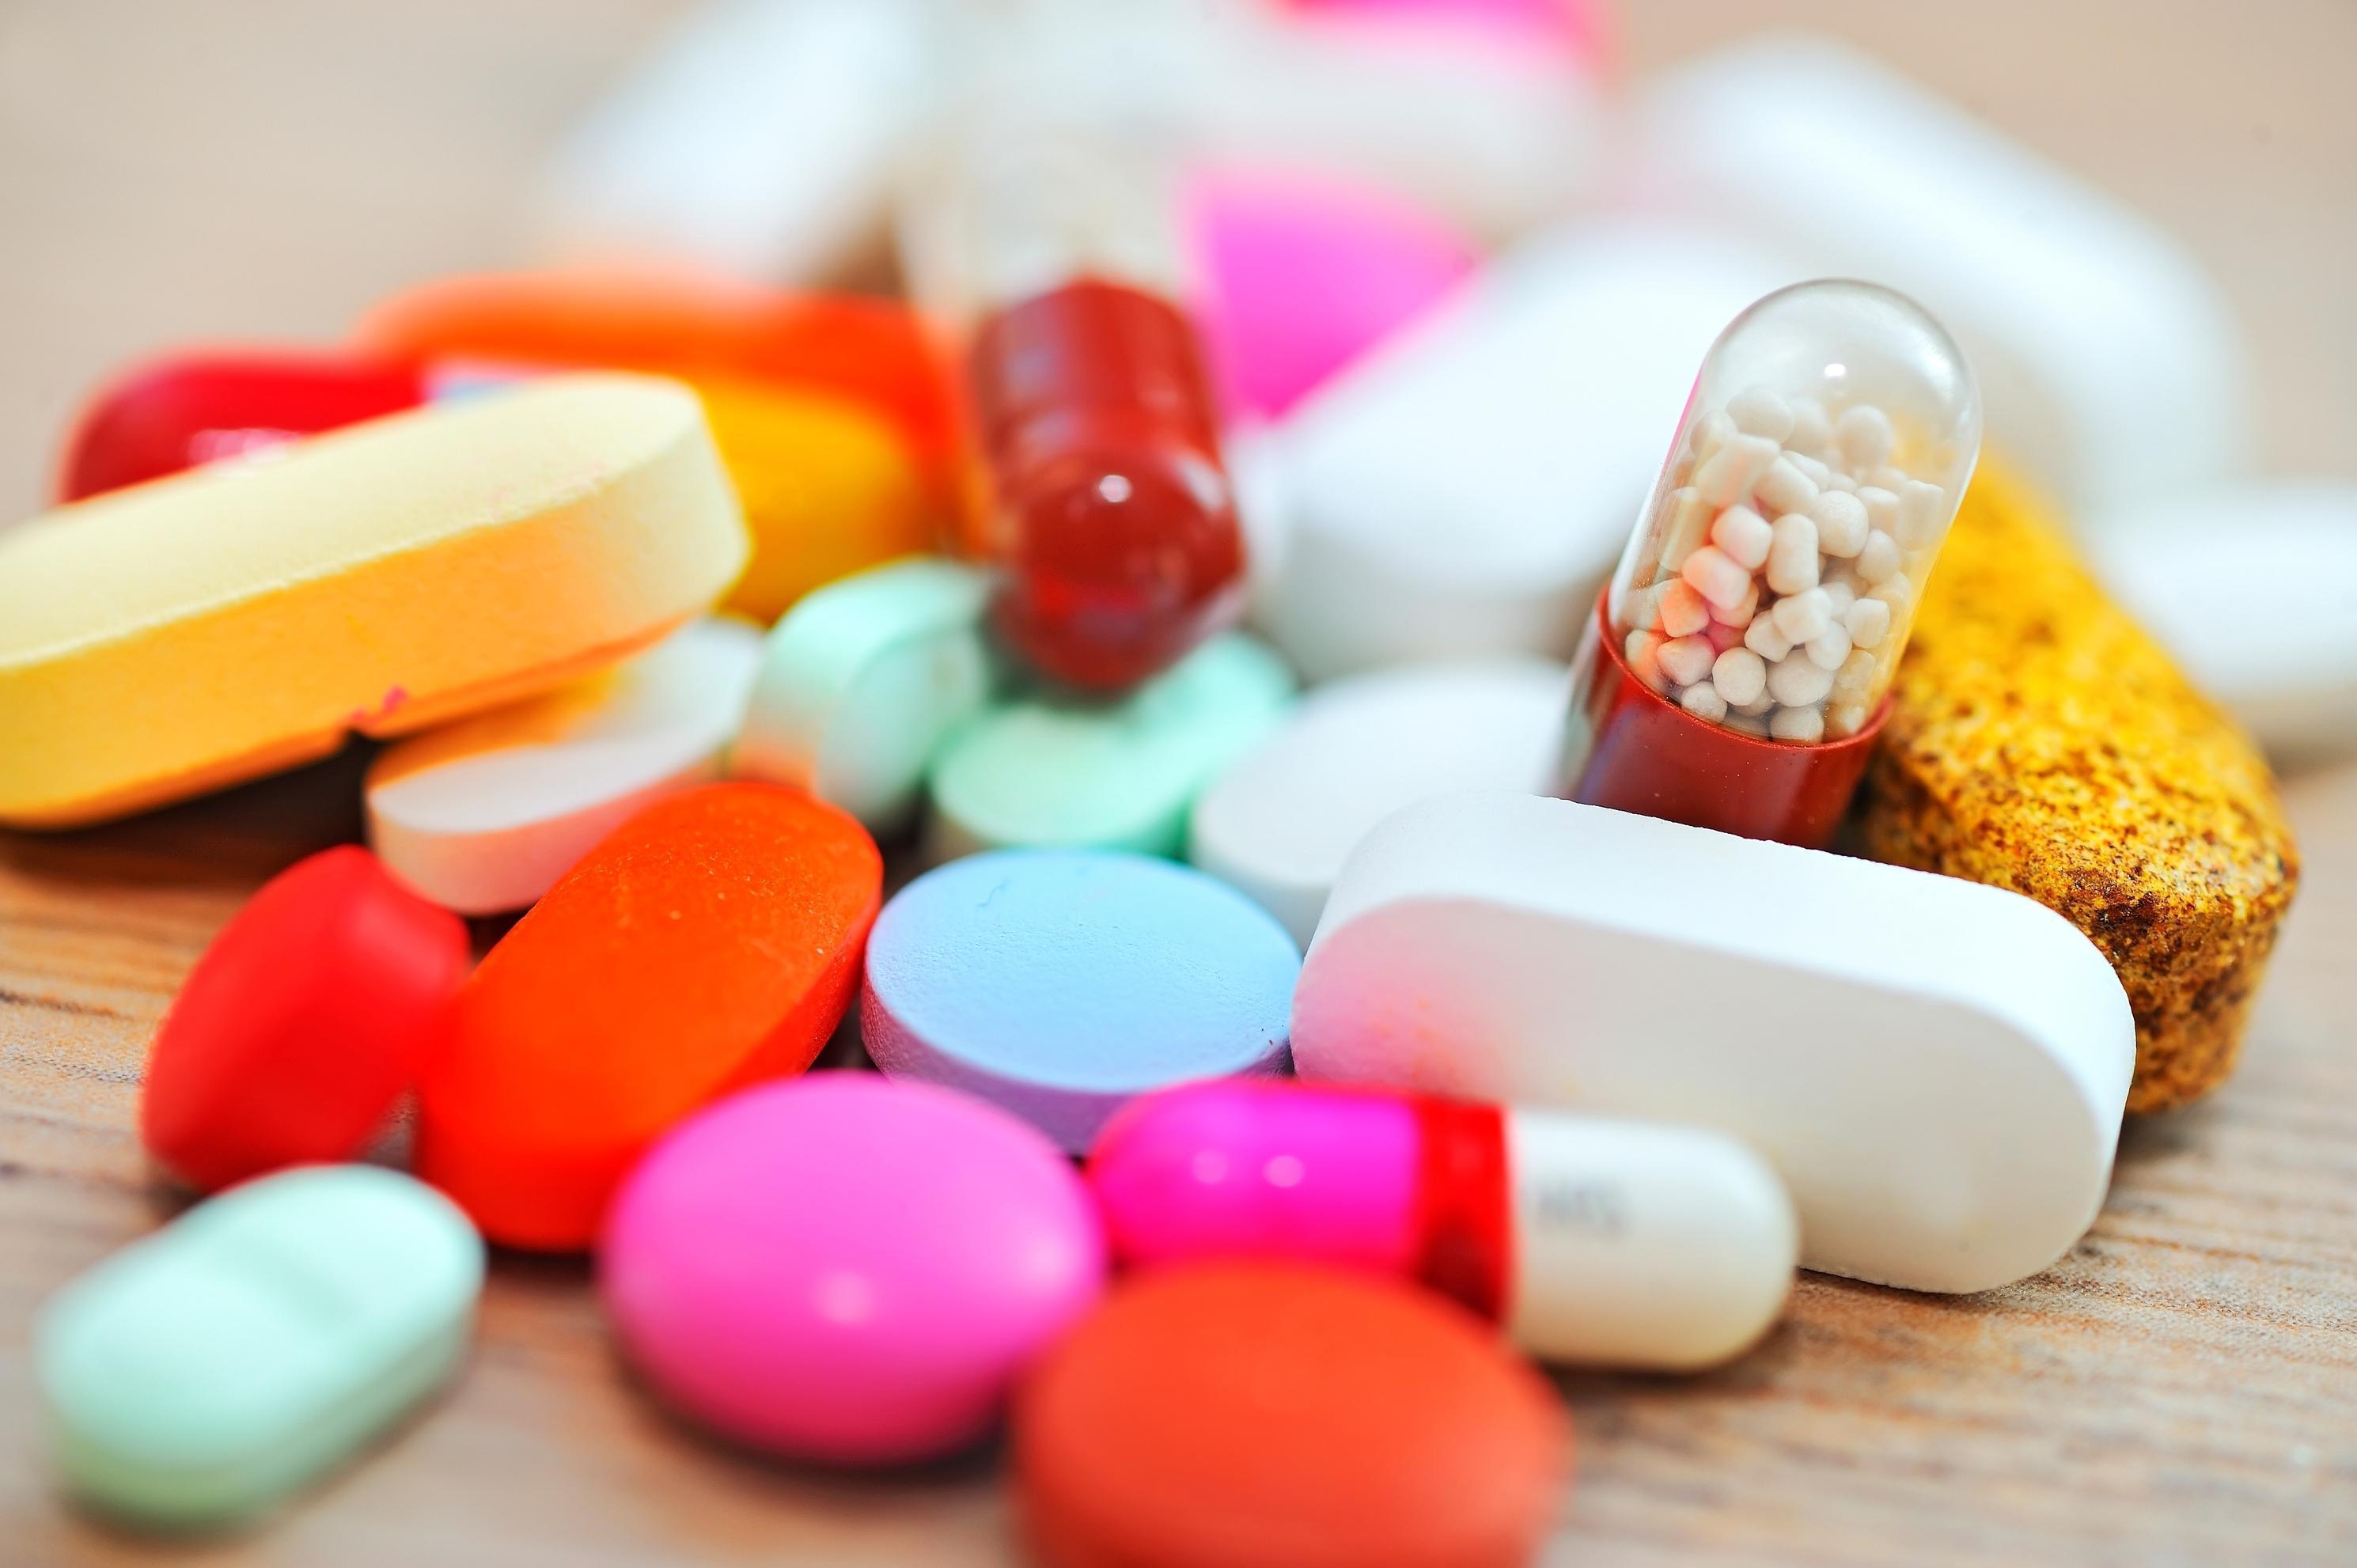 Advertência da FDA Sobre os Analgésicos do Tipo AINE